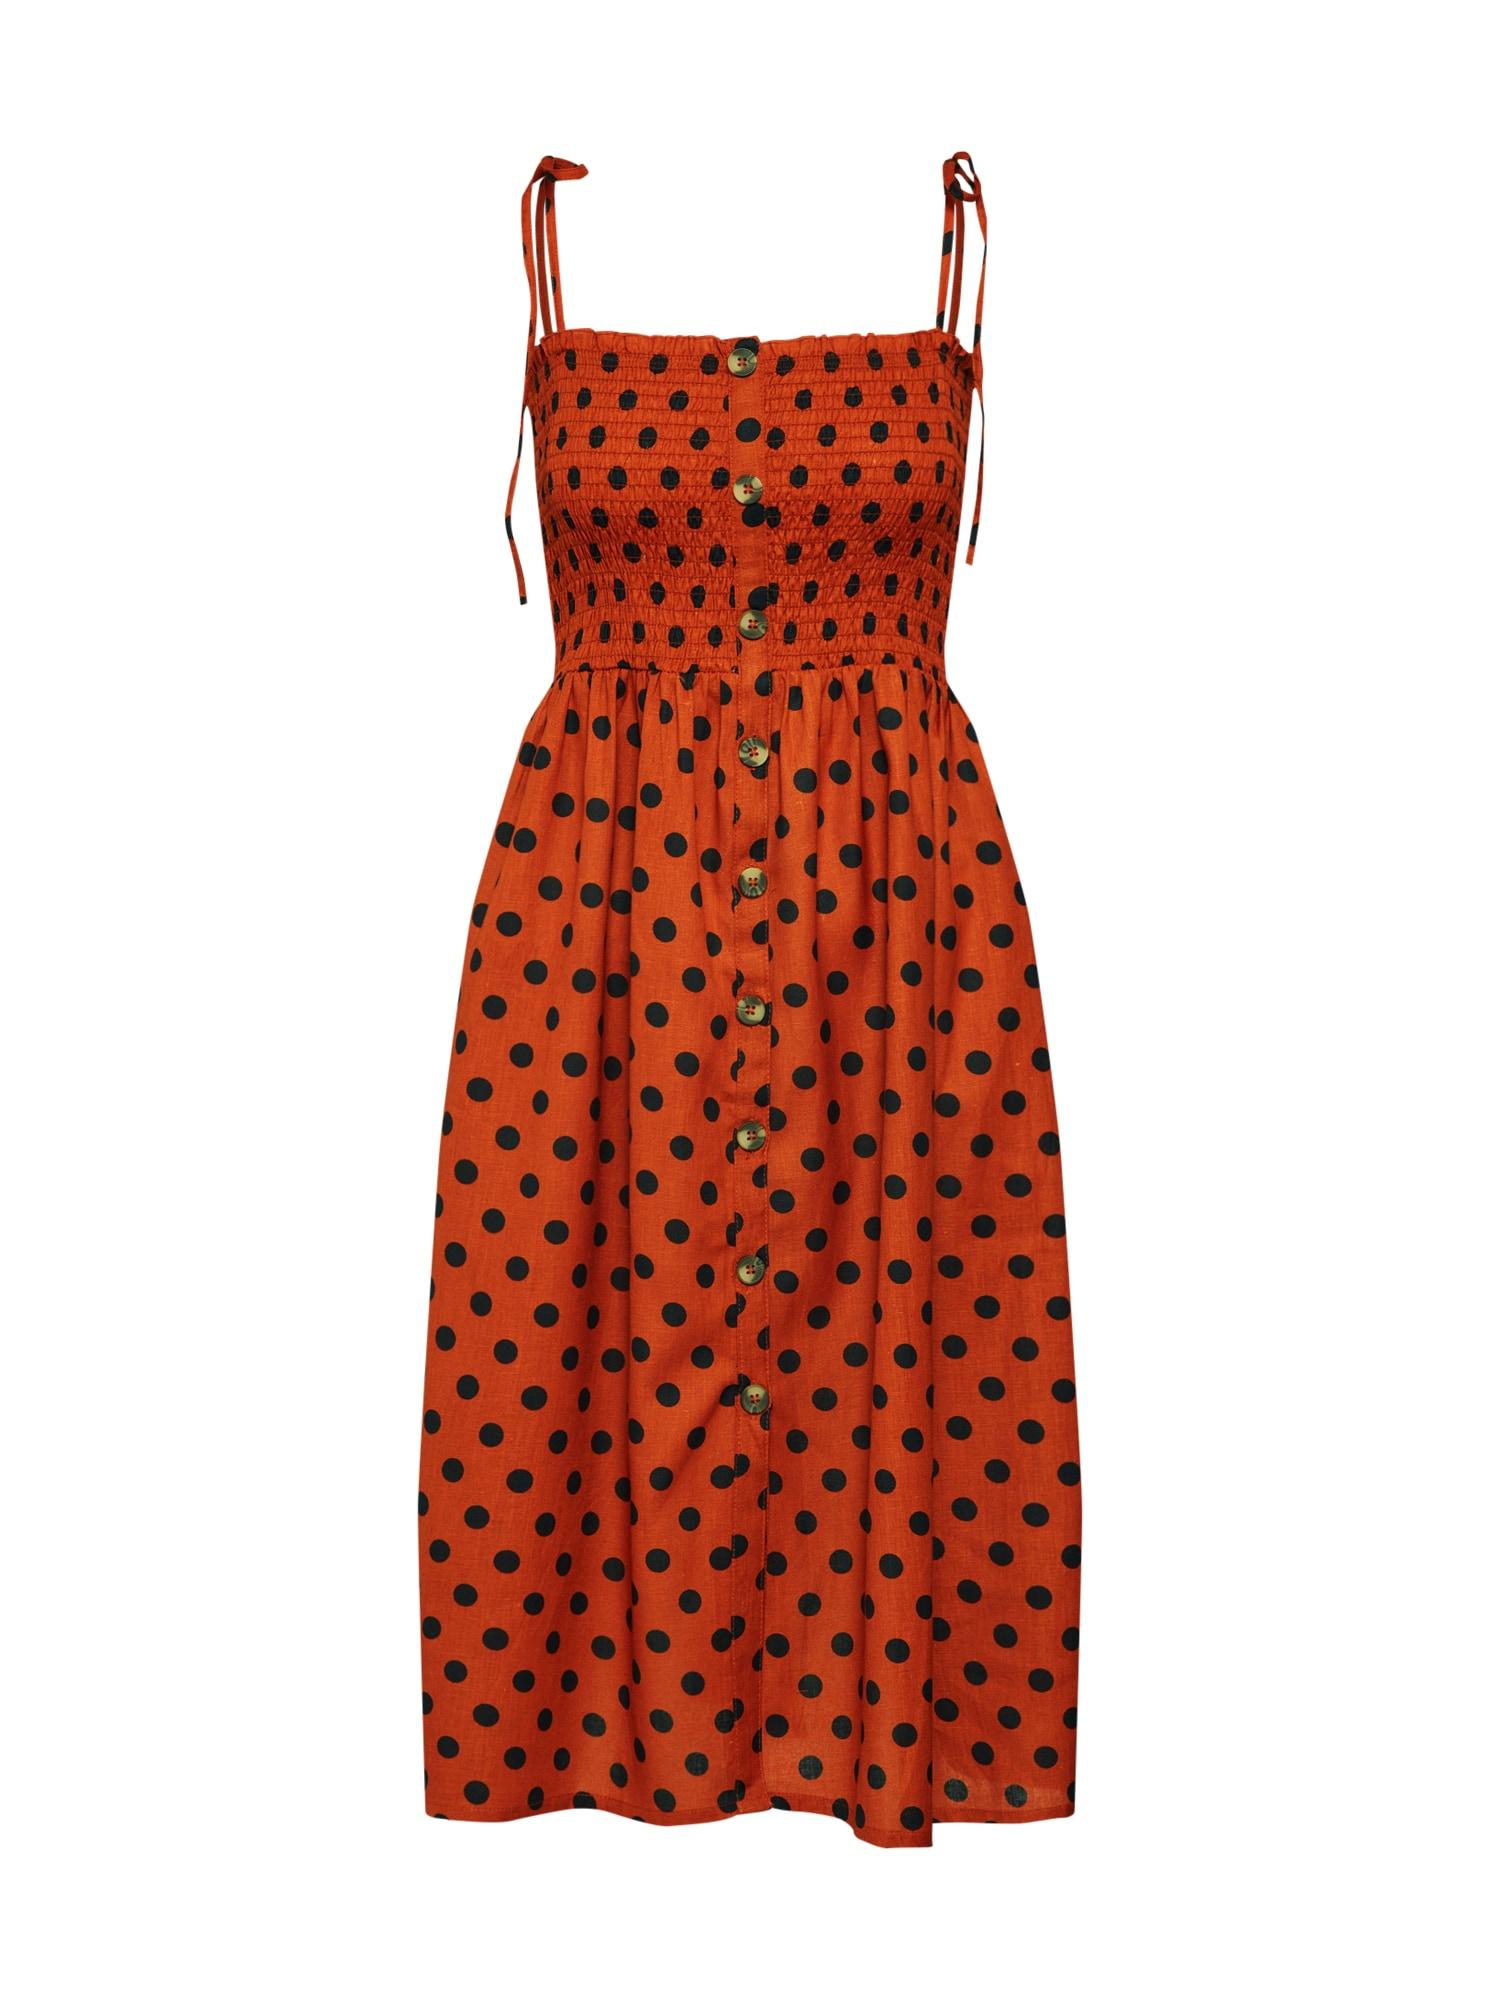 Letní šaty Dotty hnědá rezavě hnědá ONLY